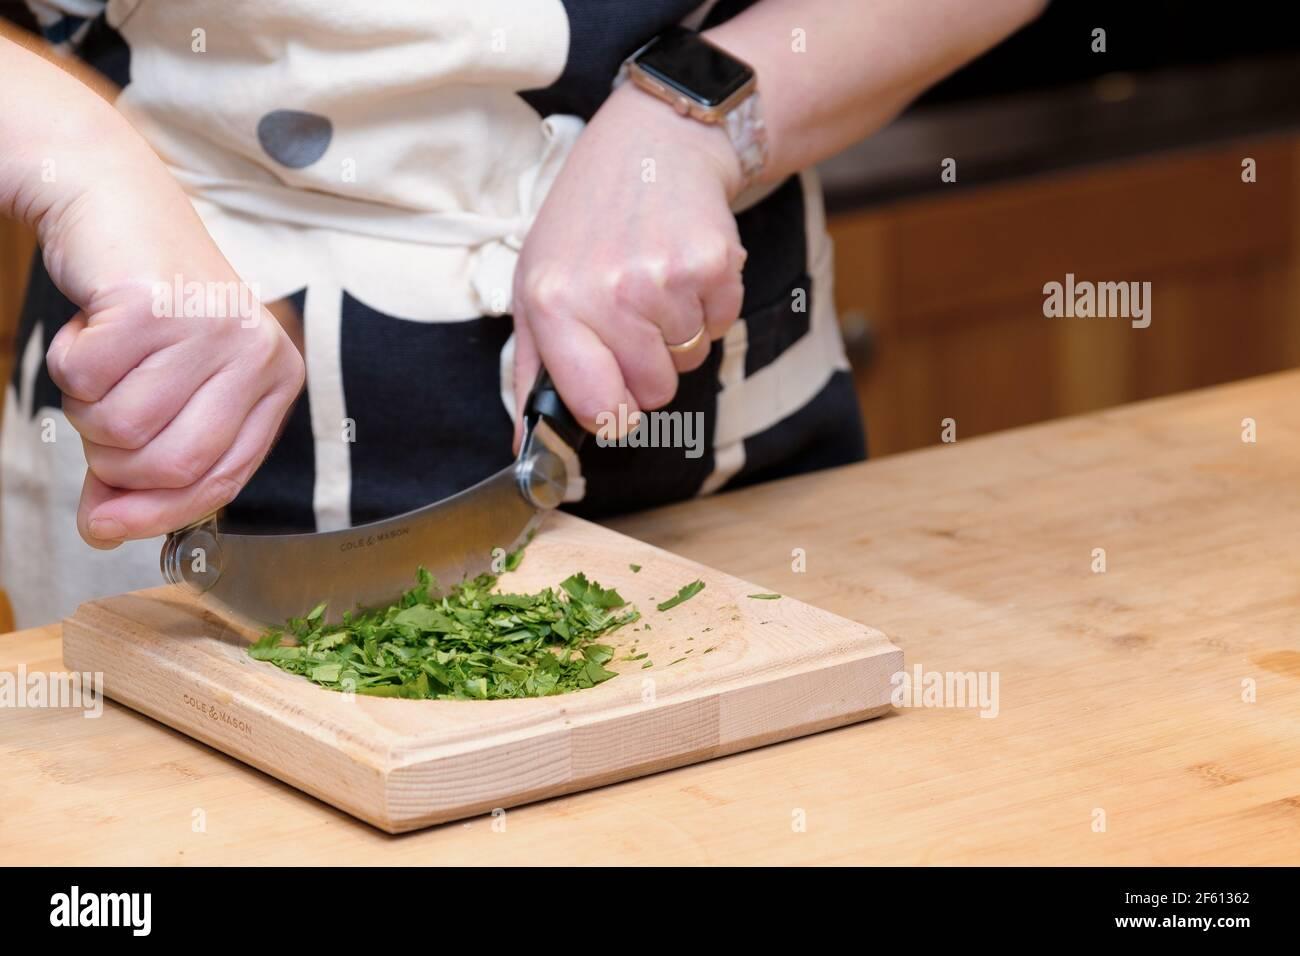 Ein Koch schneidet frisches Kraut, Koriander, Coriandrum sativum, in einer Hausküche mit einem Hachoir oder Ha Chorschneider und Schneidebrett Stockfoto